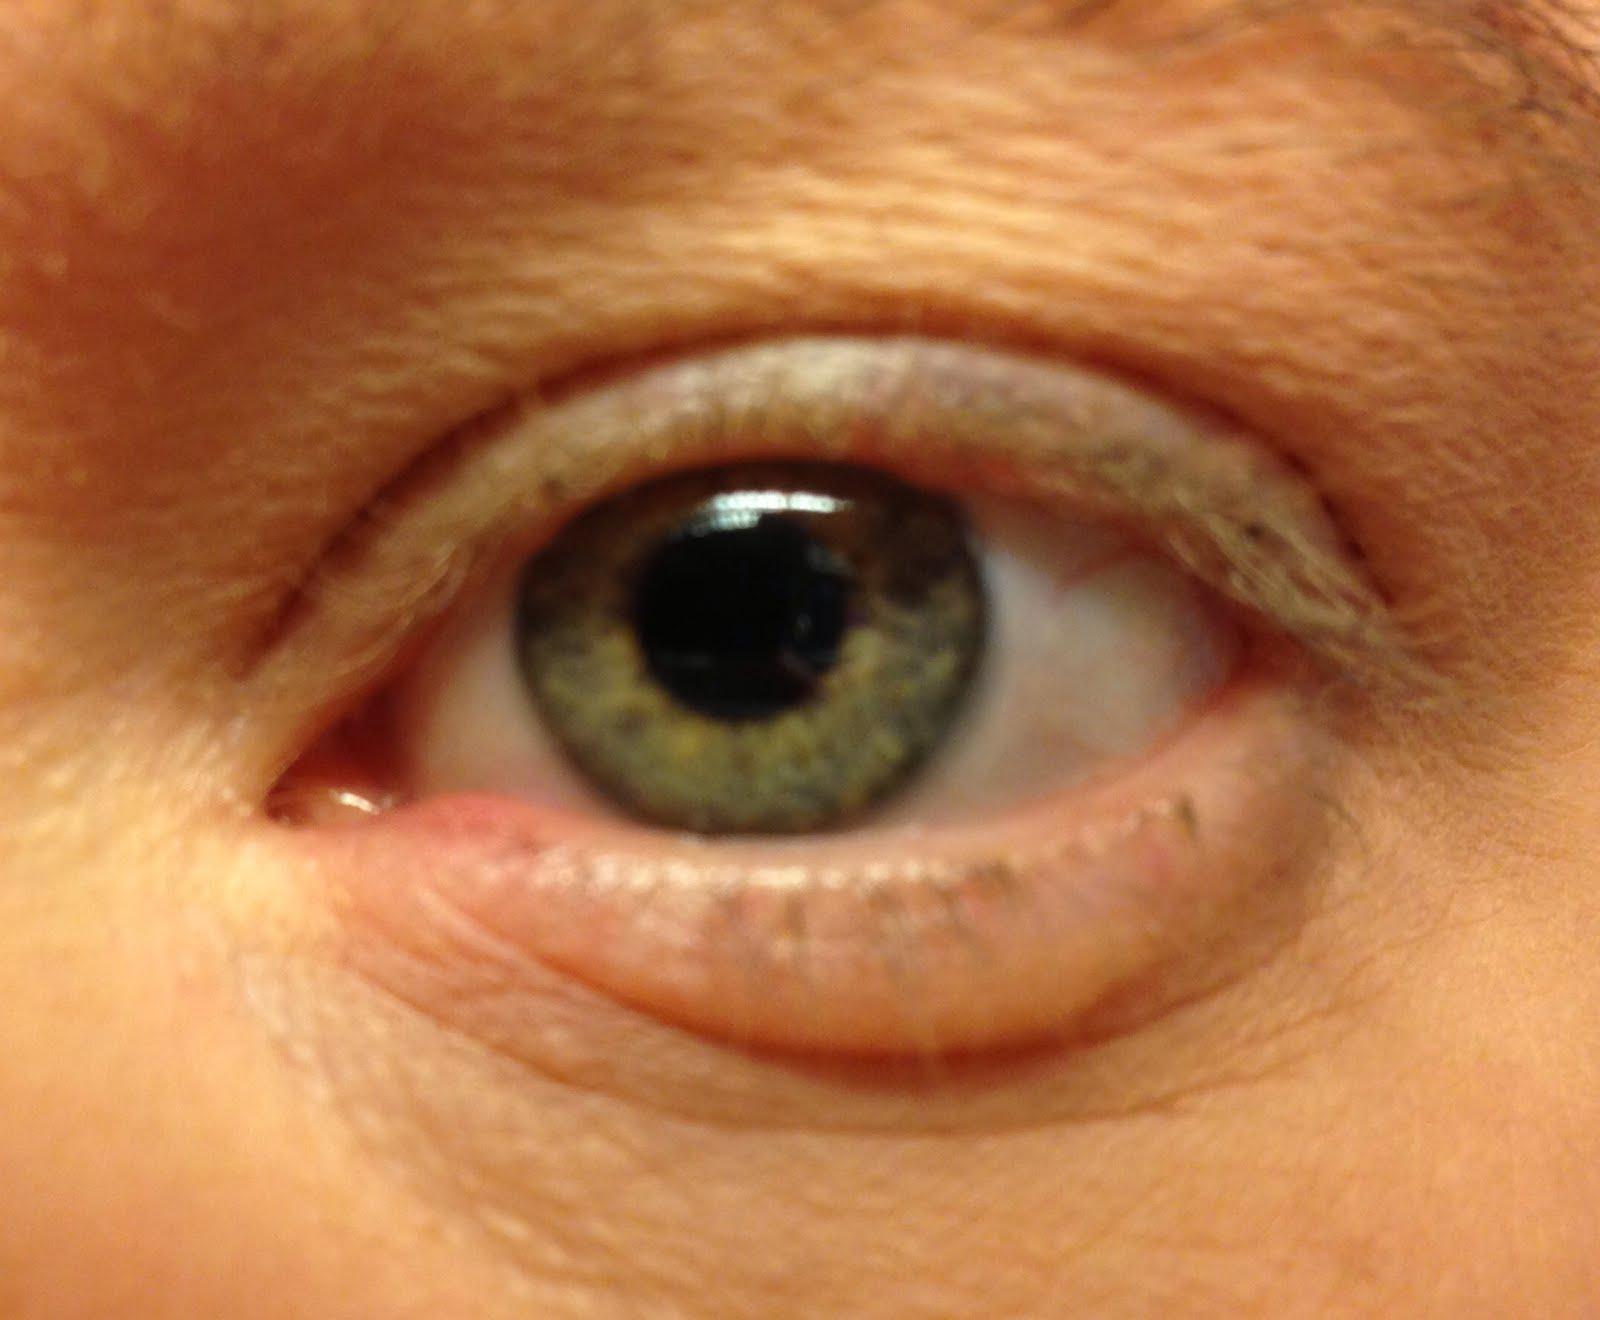 vätskefyllda påsar under ögonen